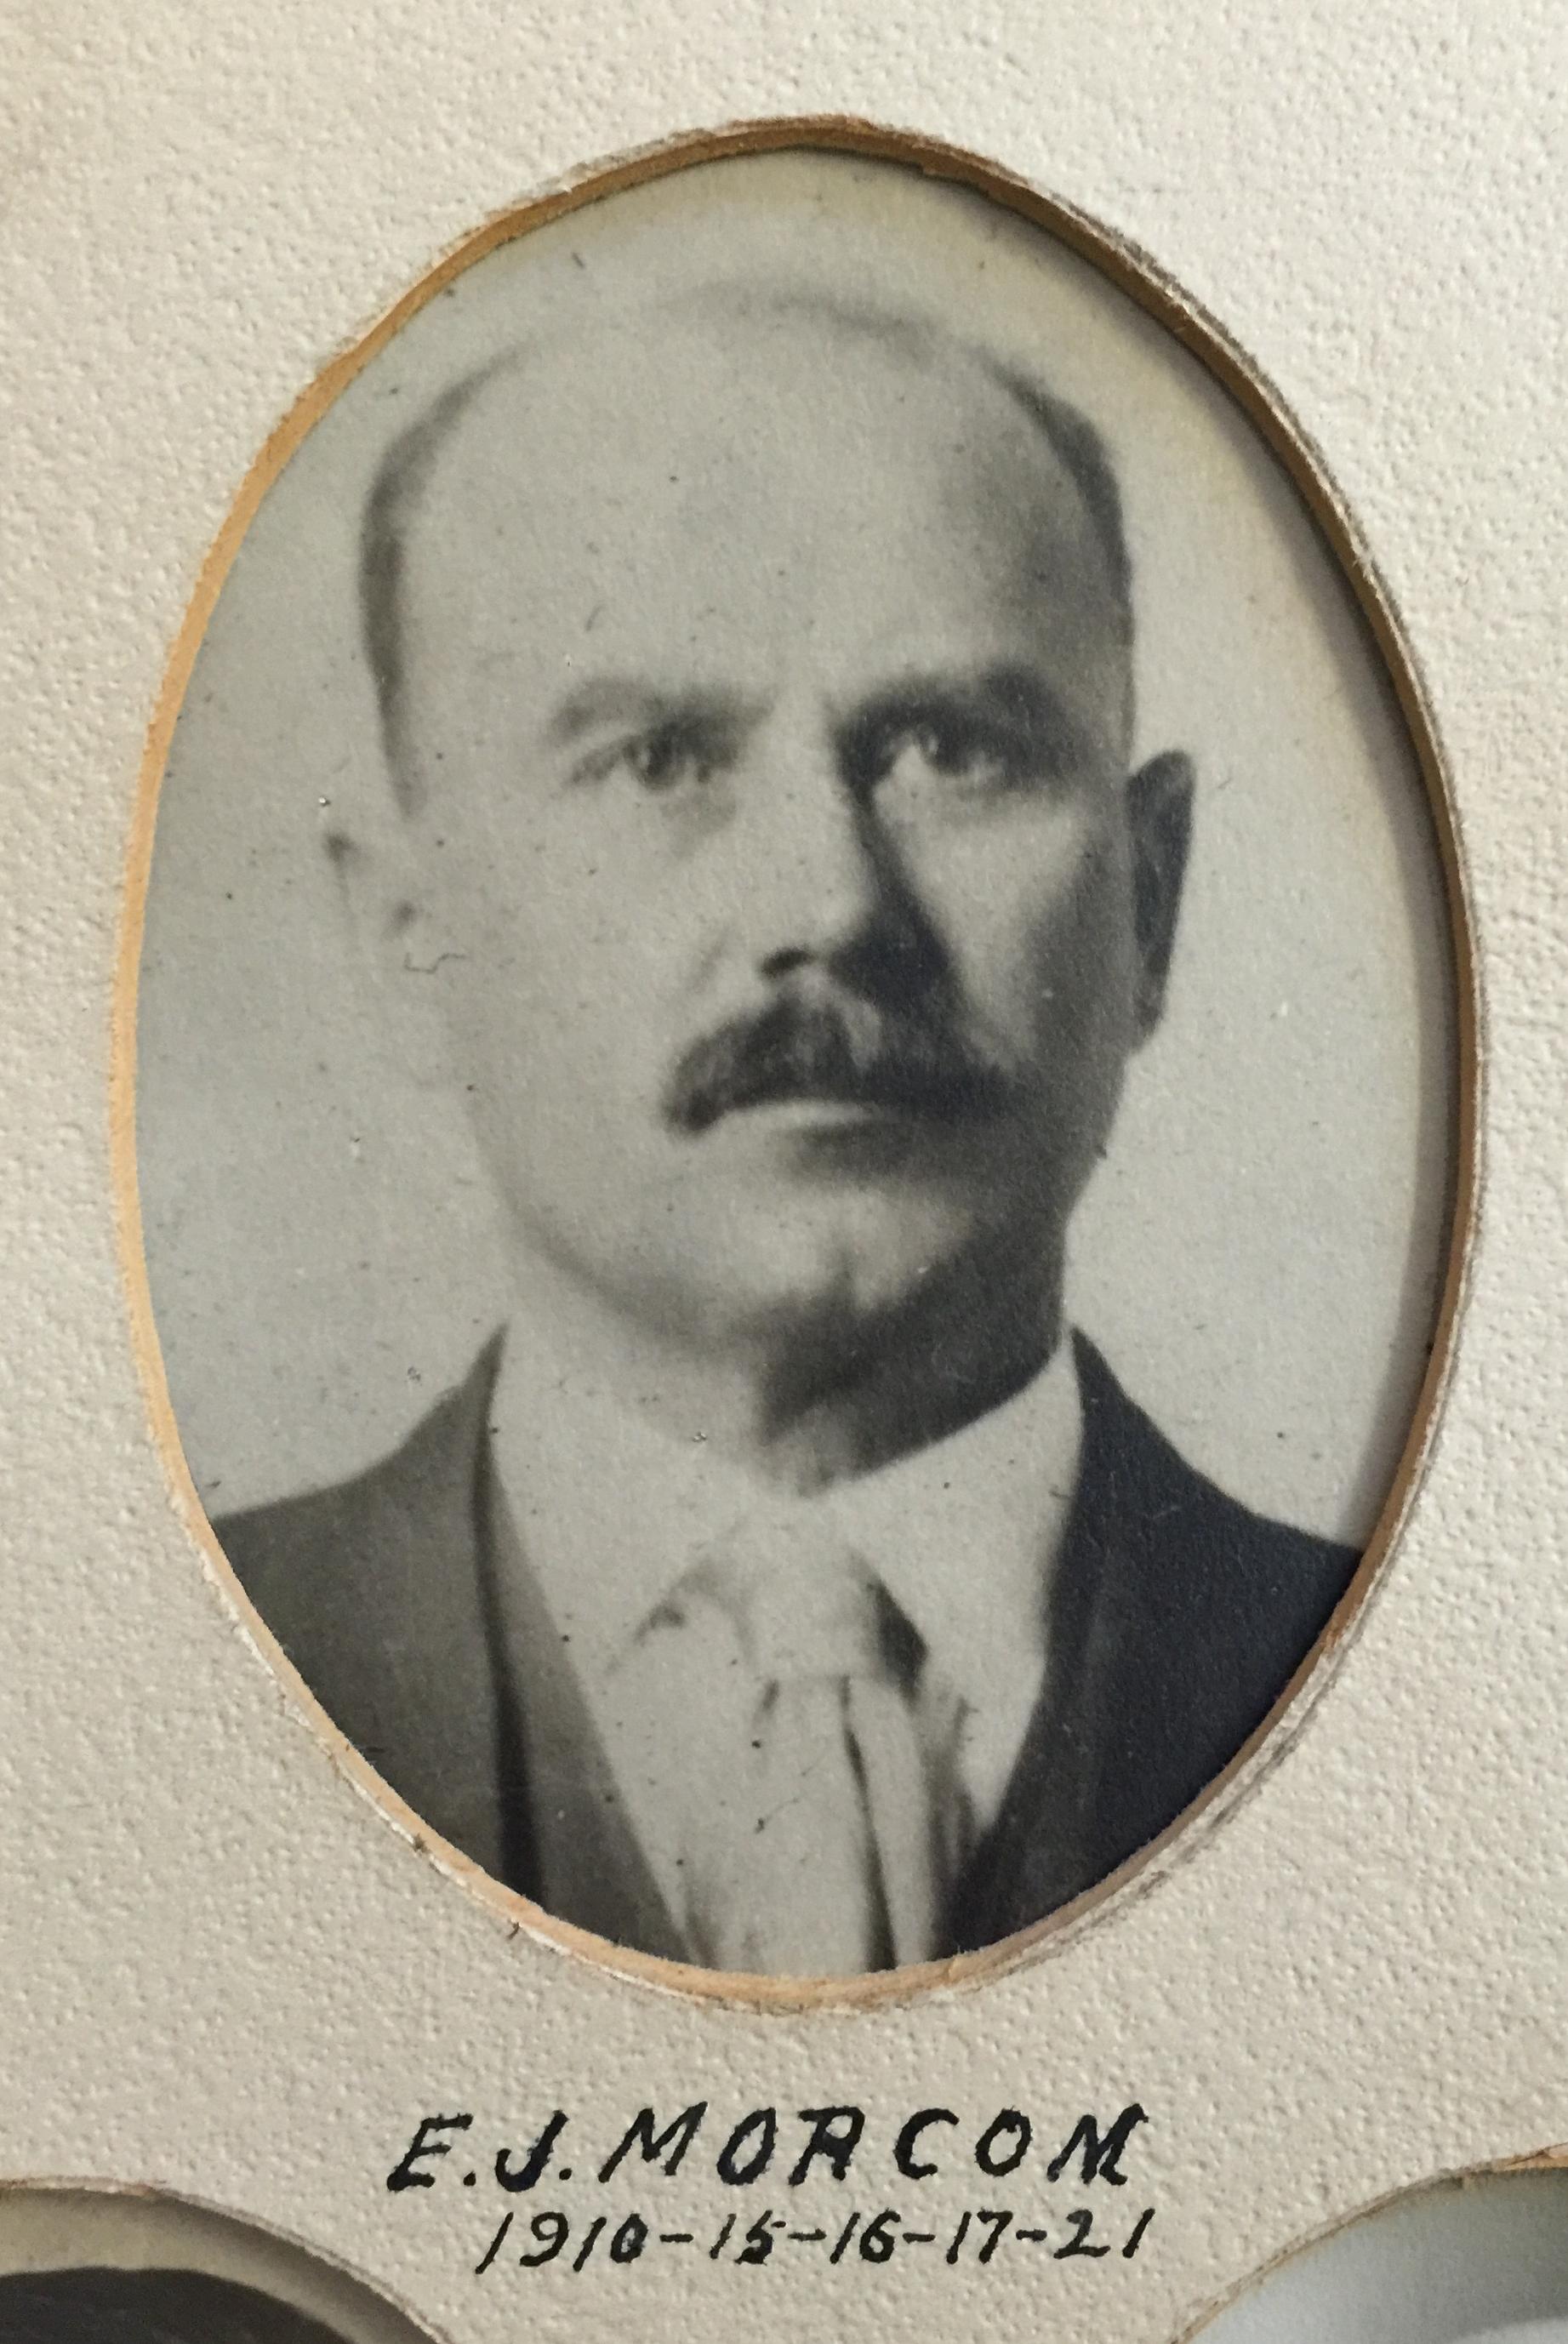 1910-1915-1916-1917-1921 E.J. Morcom